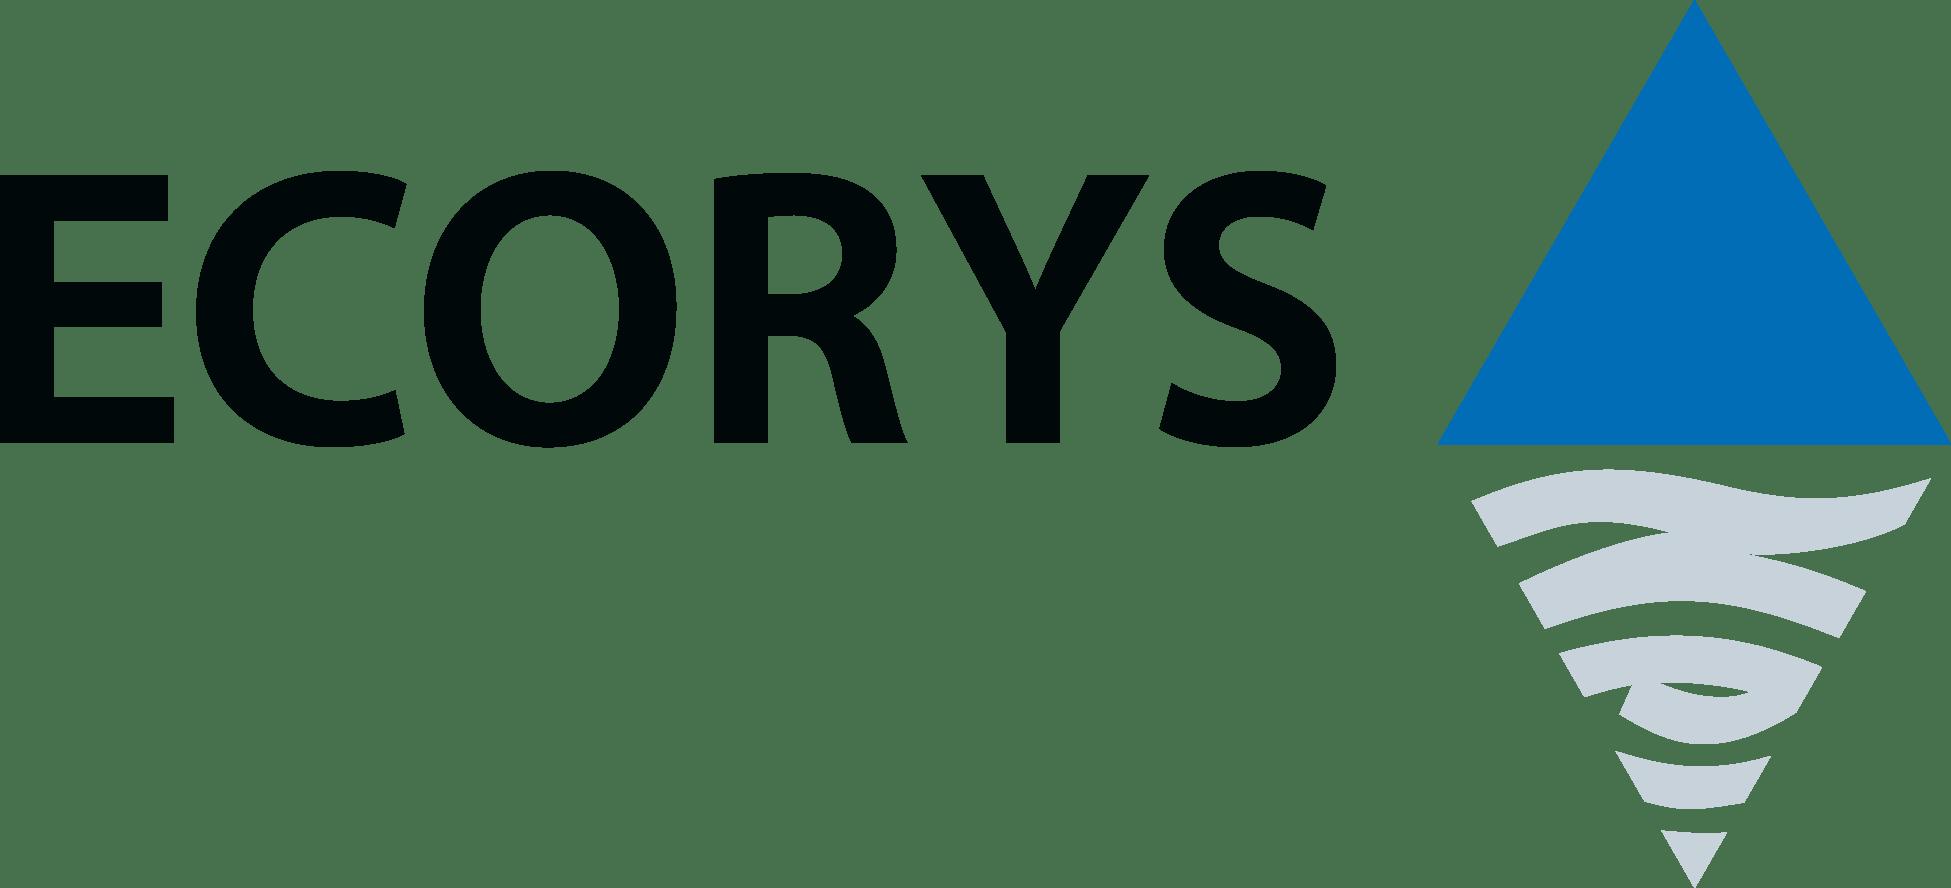 Ecorys_logo_RGB_transparant_background (1) (002)